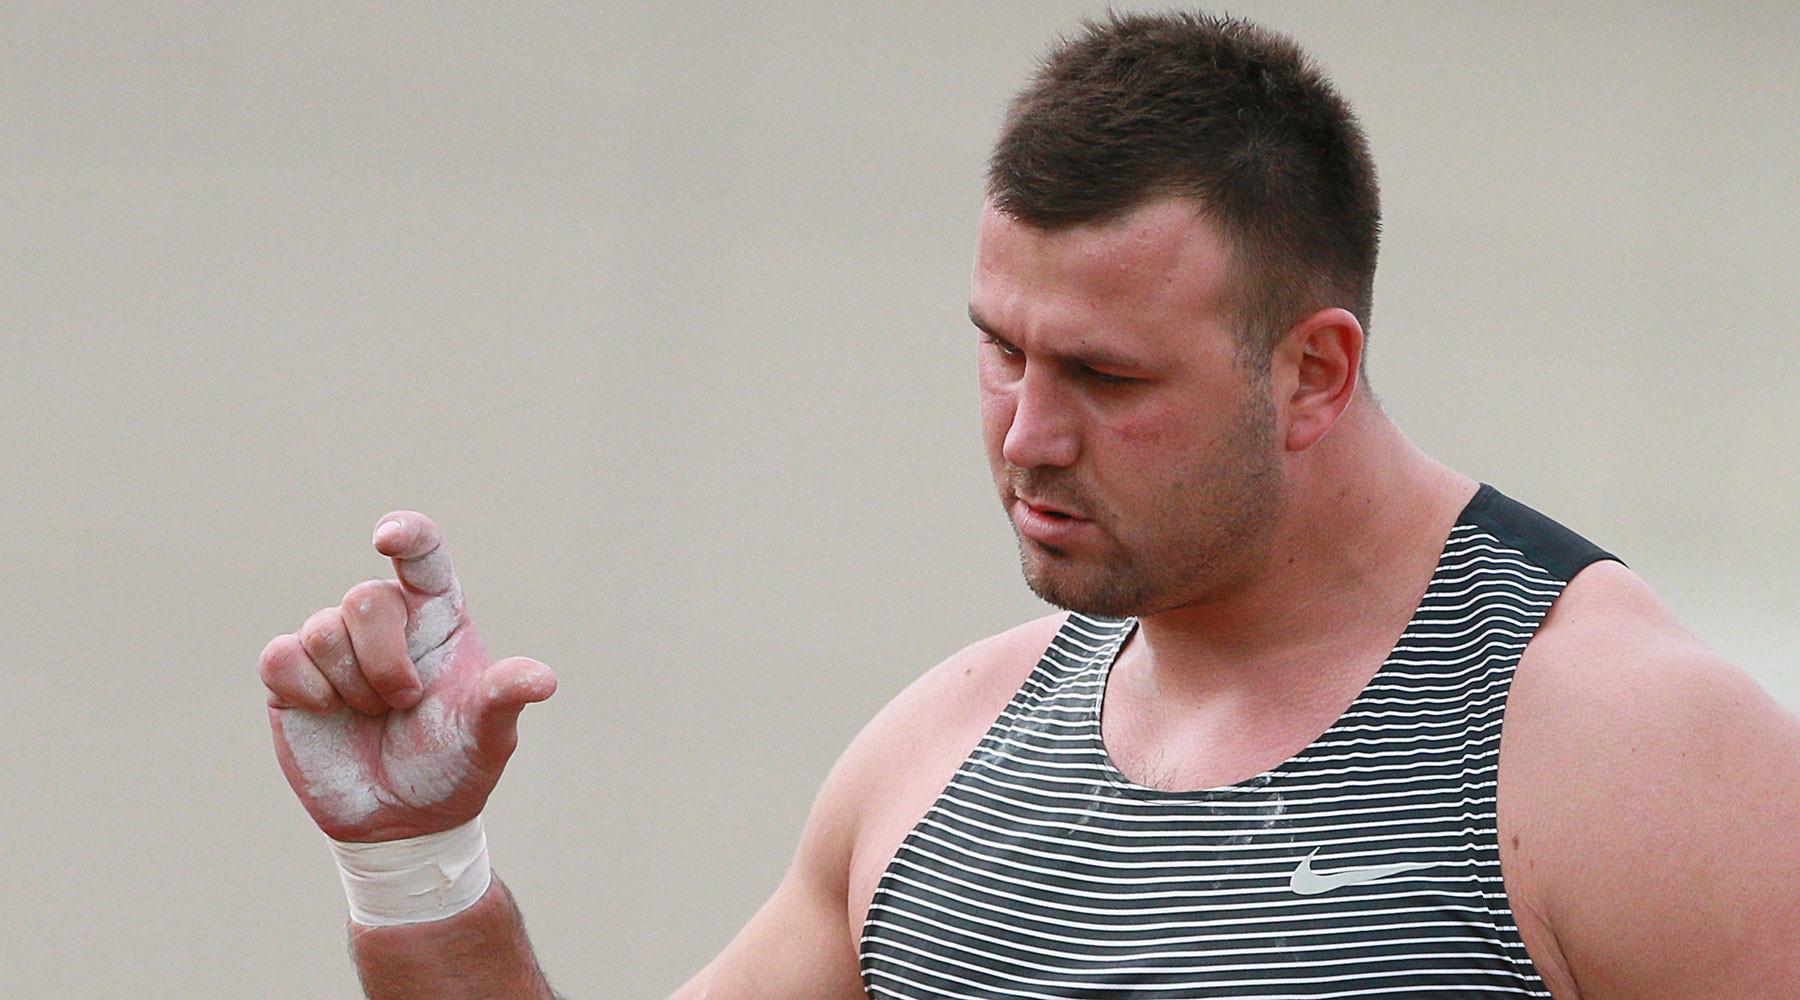 легкоатлет Лесной заявил о несправедливом отношении судей к себе на ЧМ»